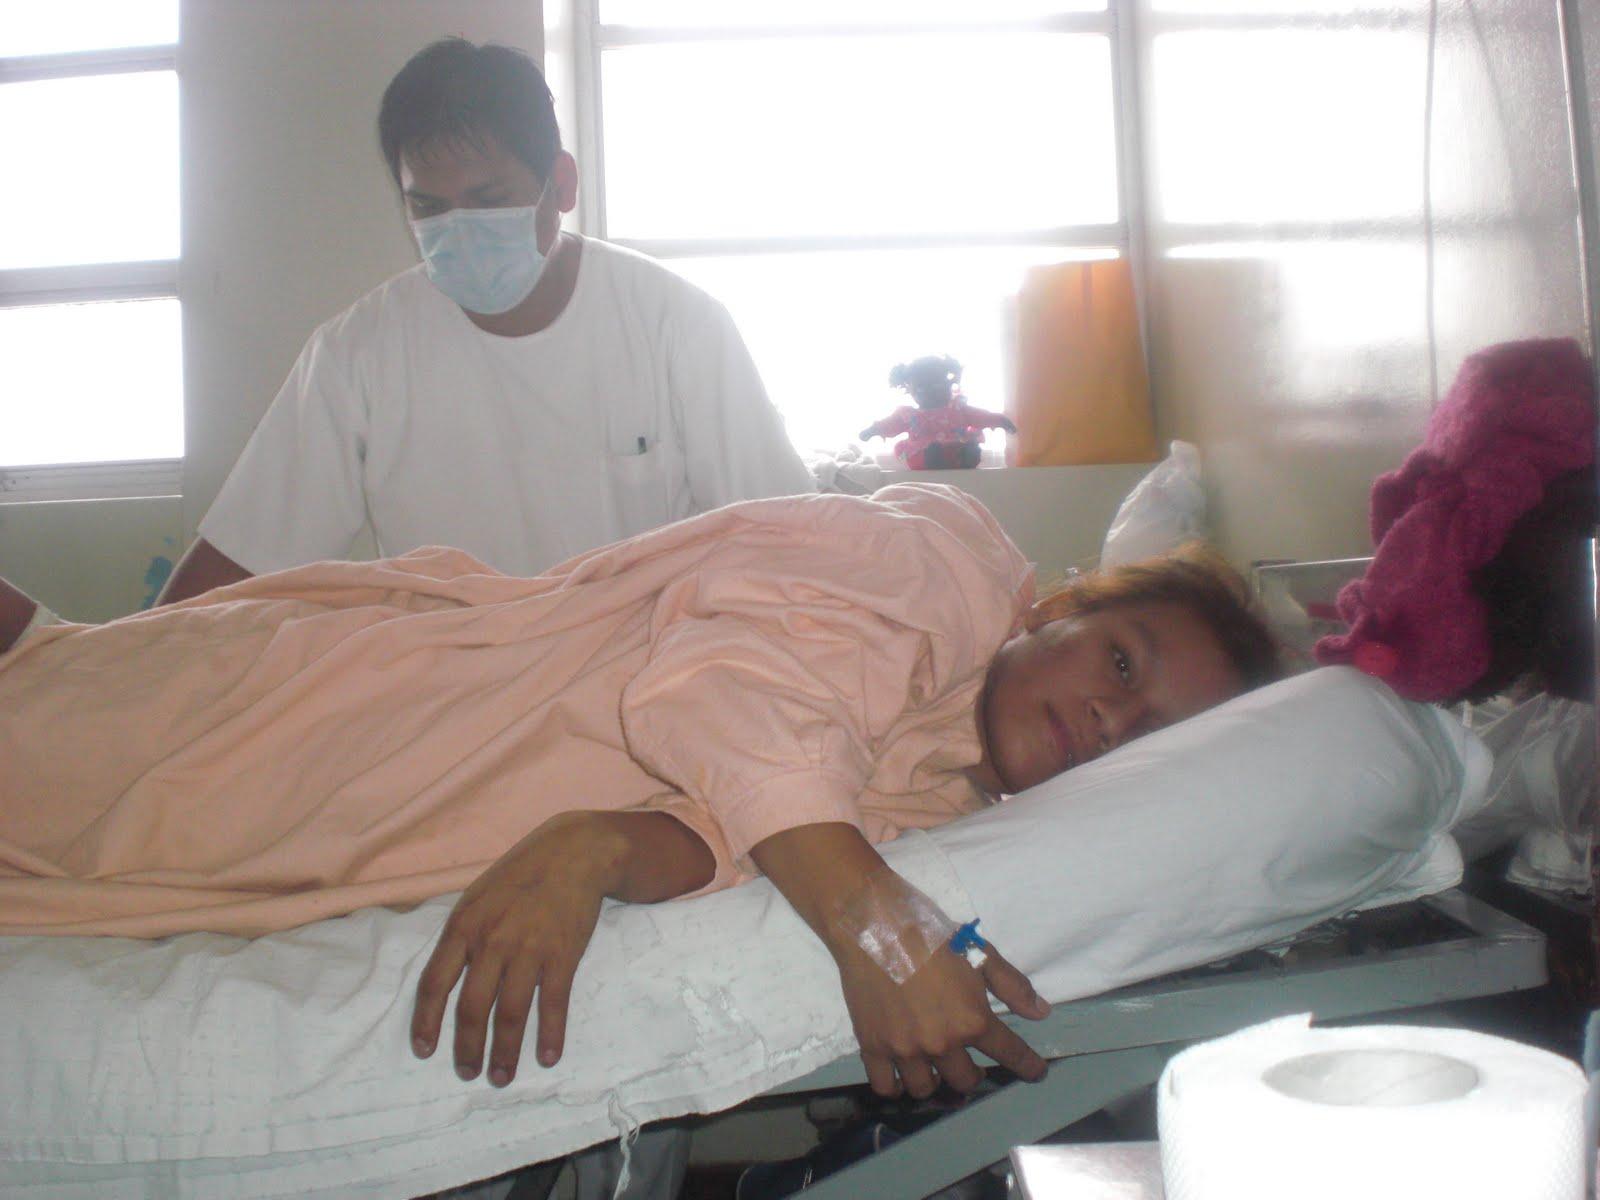 Baño General Del Paciente En Cama: de enfermeria: REALIZACION DE LA COMODIDAD Y CONFORT DEL PACIENTE